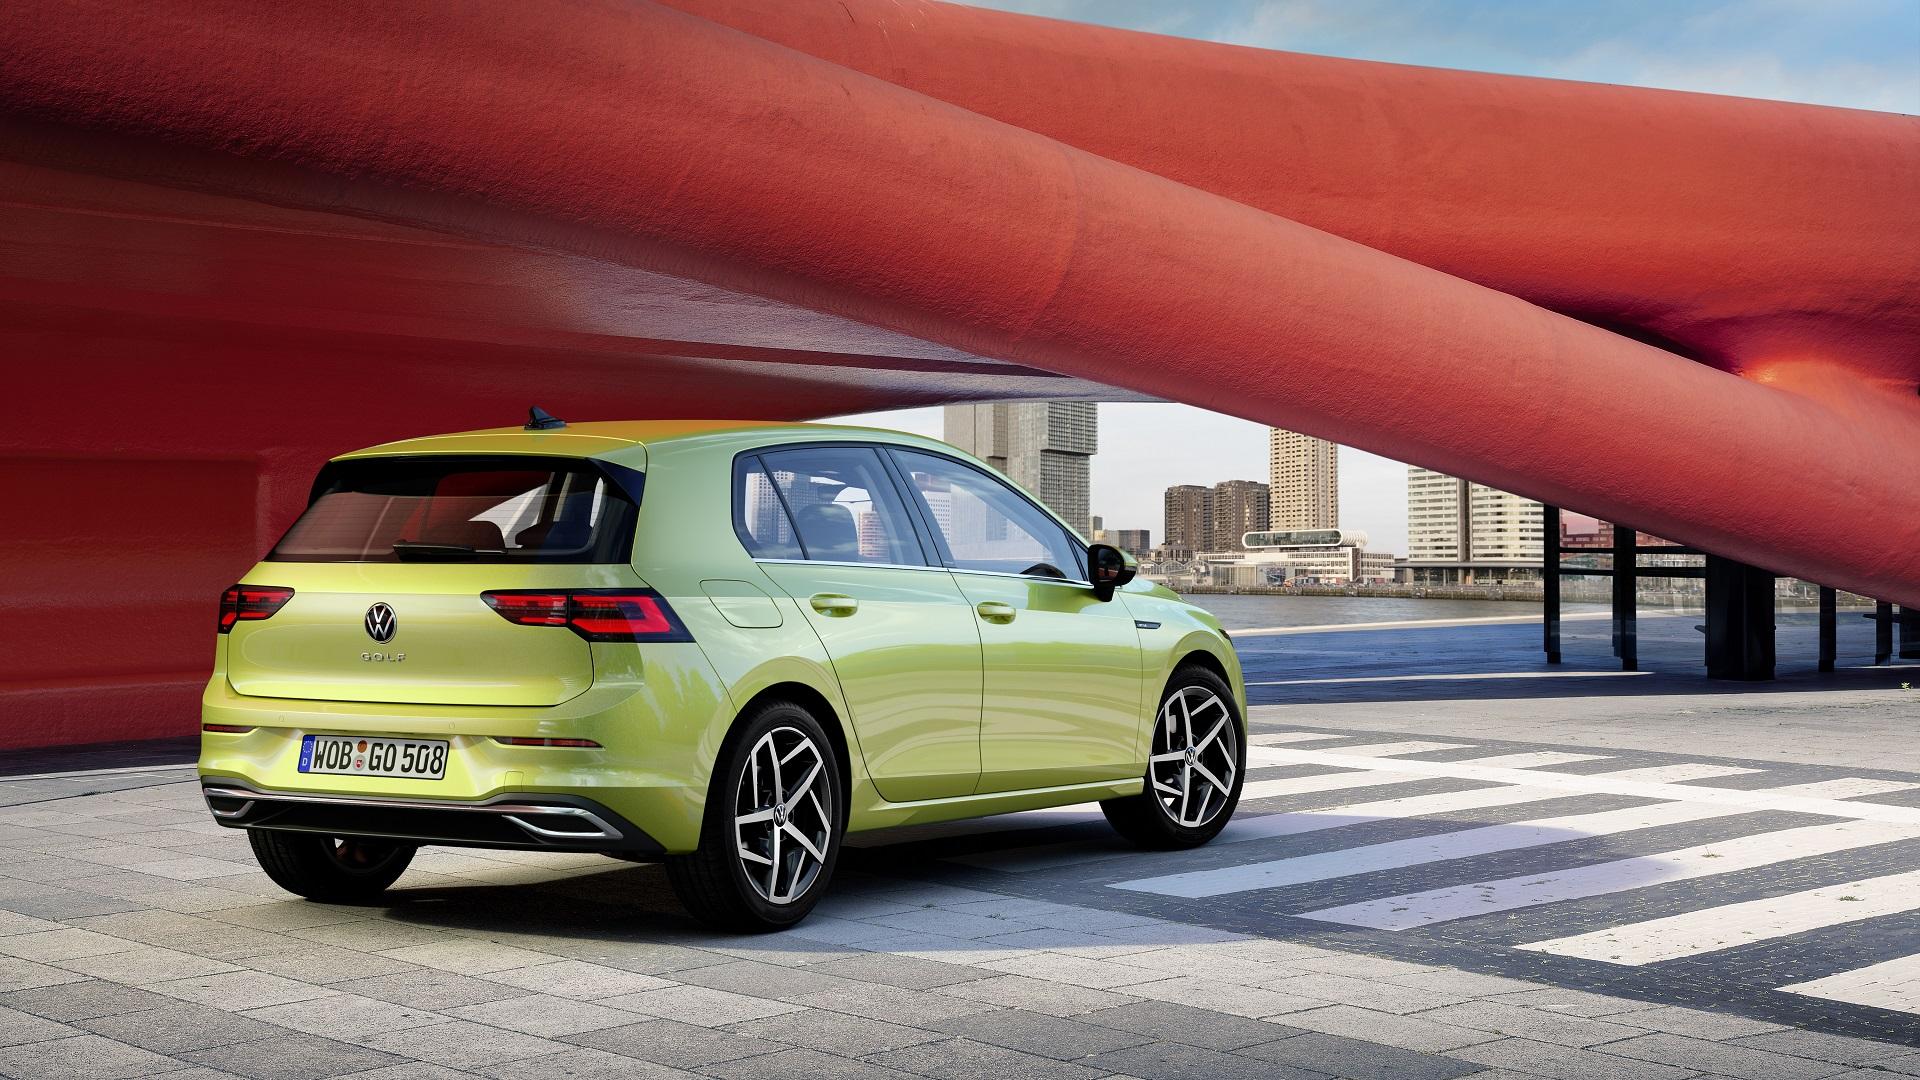 Παγκόσμια πρεμιέρα για το νέο Volkswagen Golf 8ης γενιάς